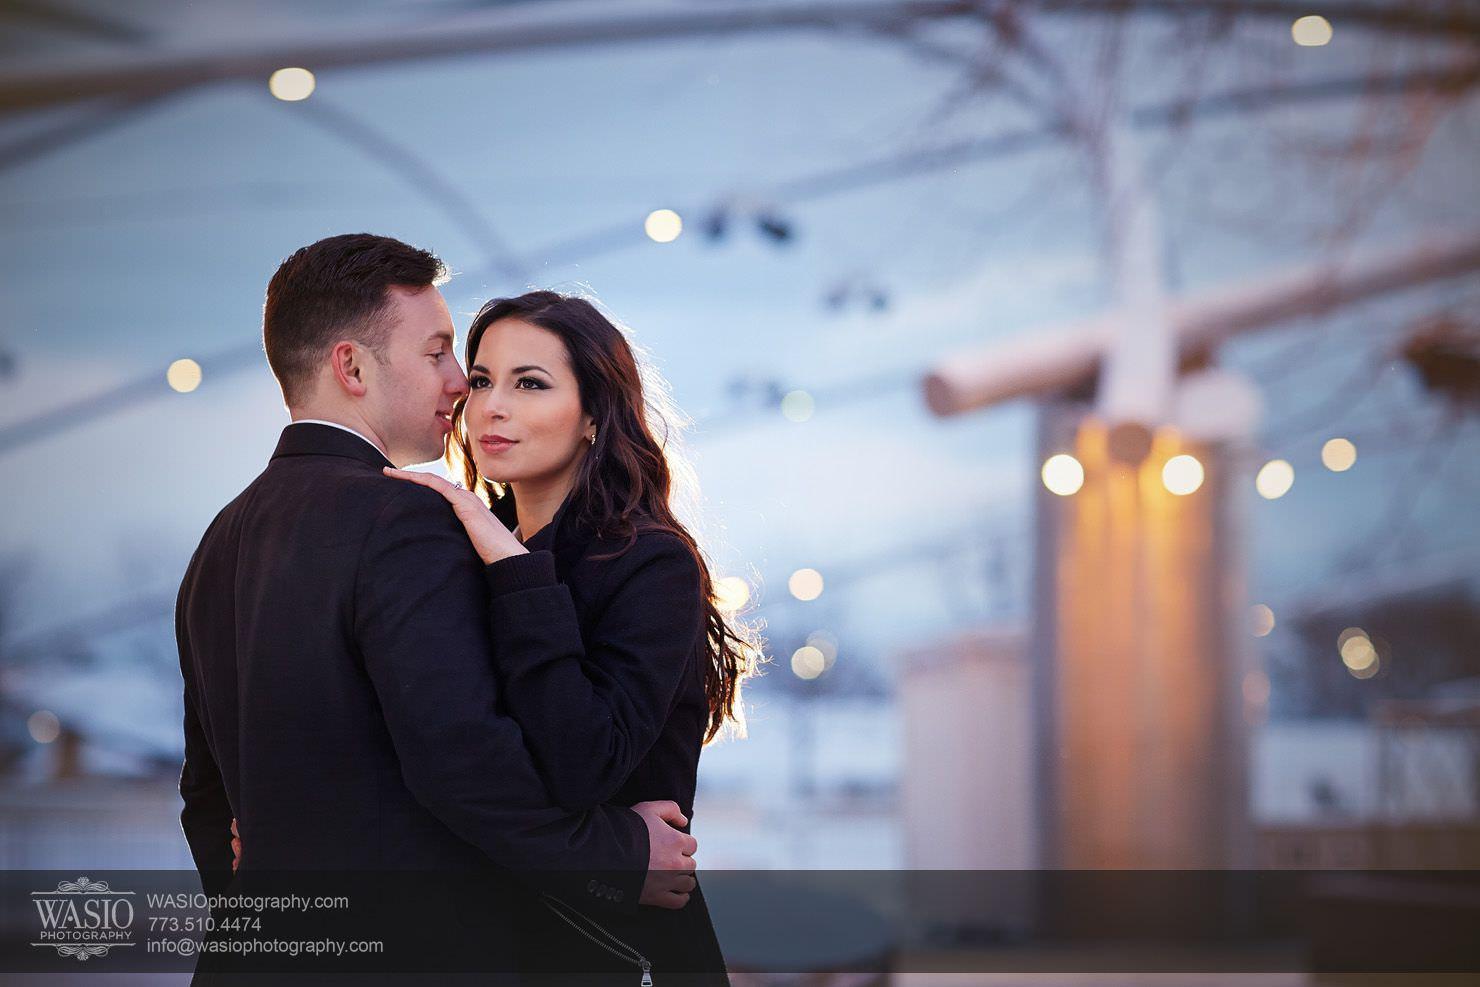 005-Chicago-Winter-Engagement Chicago Winter Engagement - Chrissy + Andrew